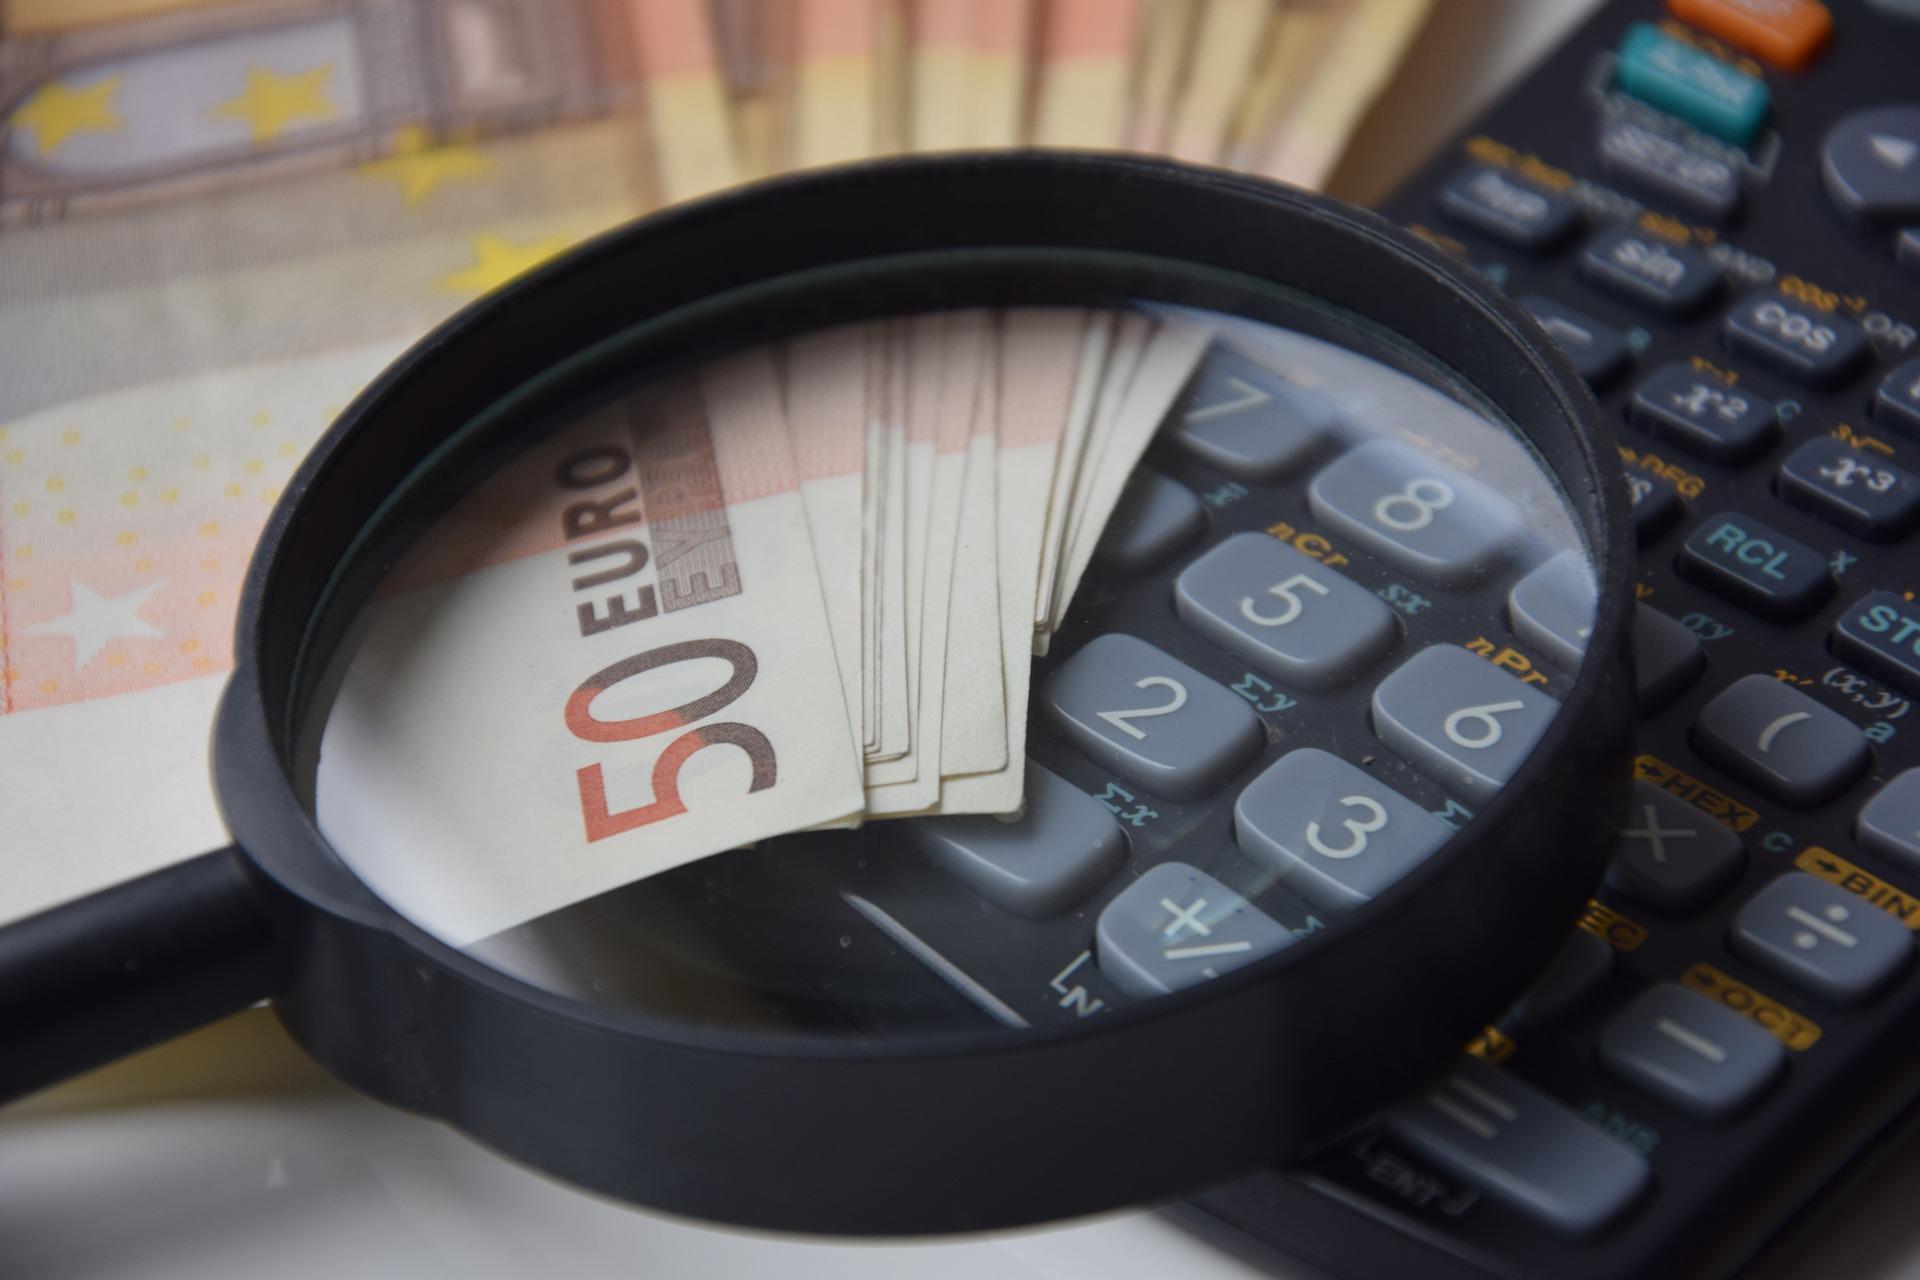 Kaufpreisraten bei Grundstücksverkäufen - und ihre steuerpflichtigen Zinsanteile